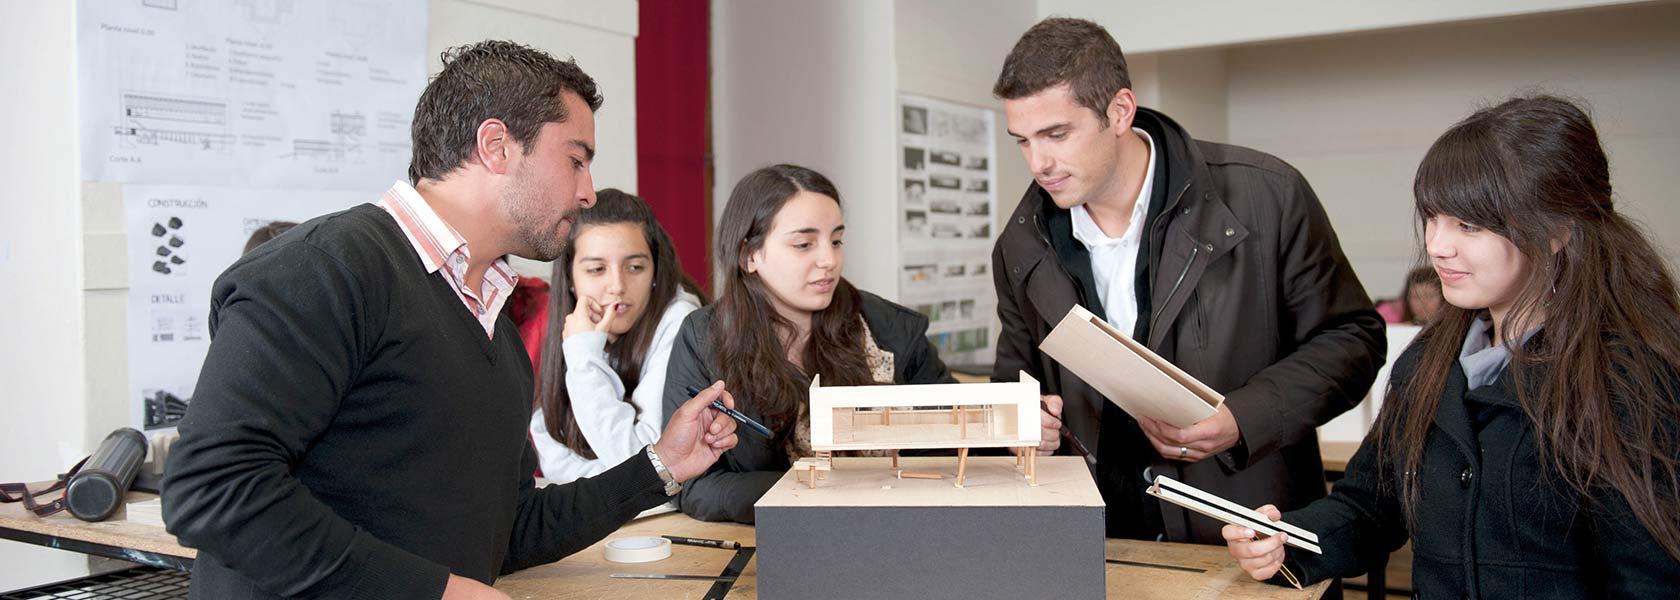 Carrera arquitectura santiago universidad mayor for Arquitectura carrera profesional